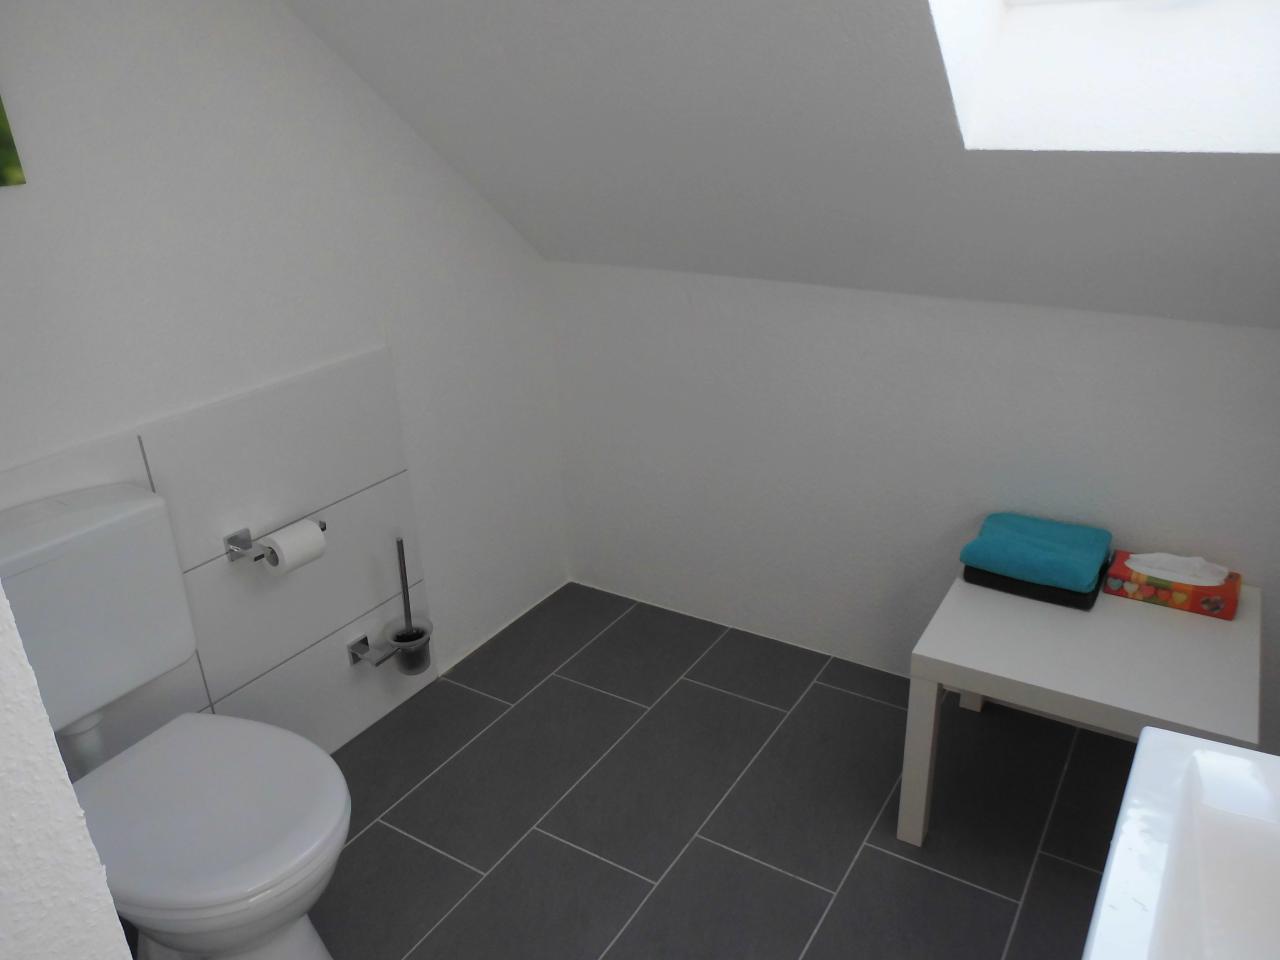 drittes Bad in der ersten Etage